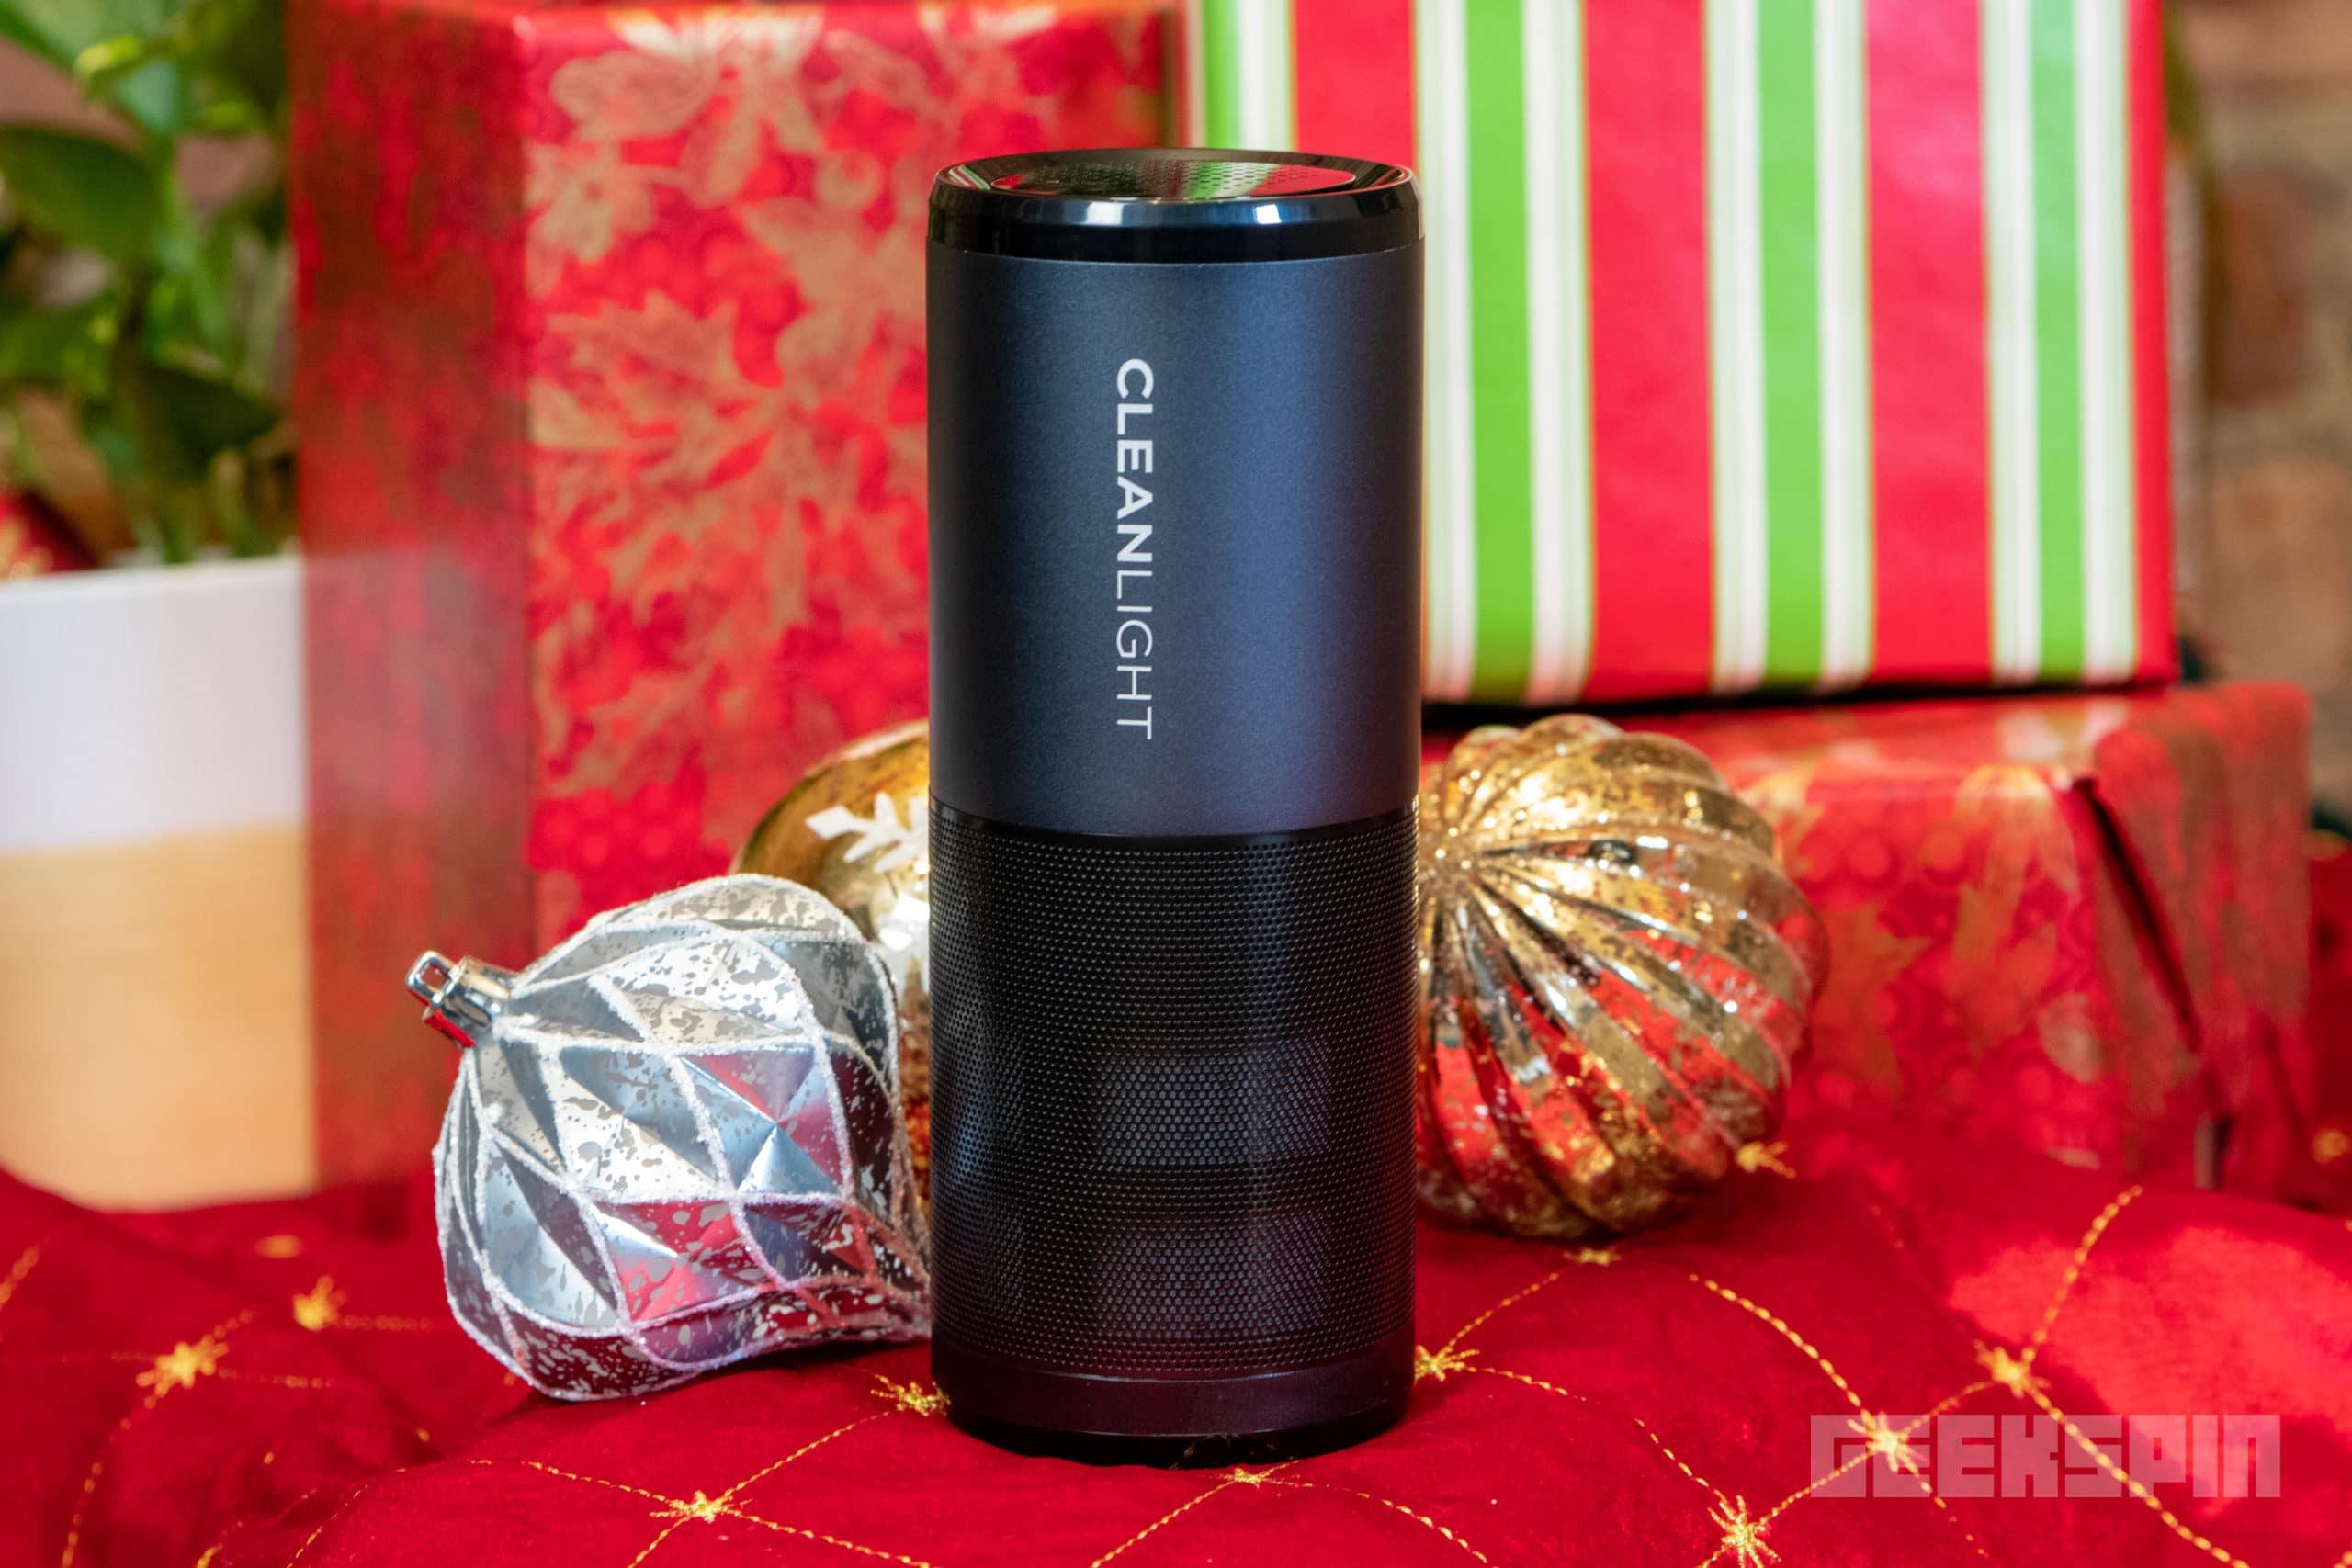 Keysmart Cleanlight Air Portable UV Air Purifier